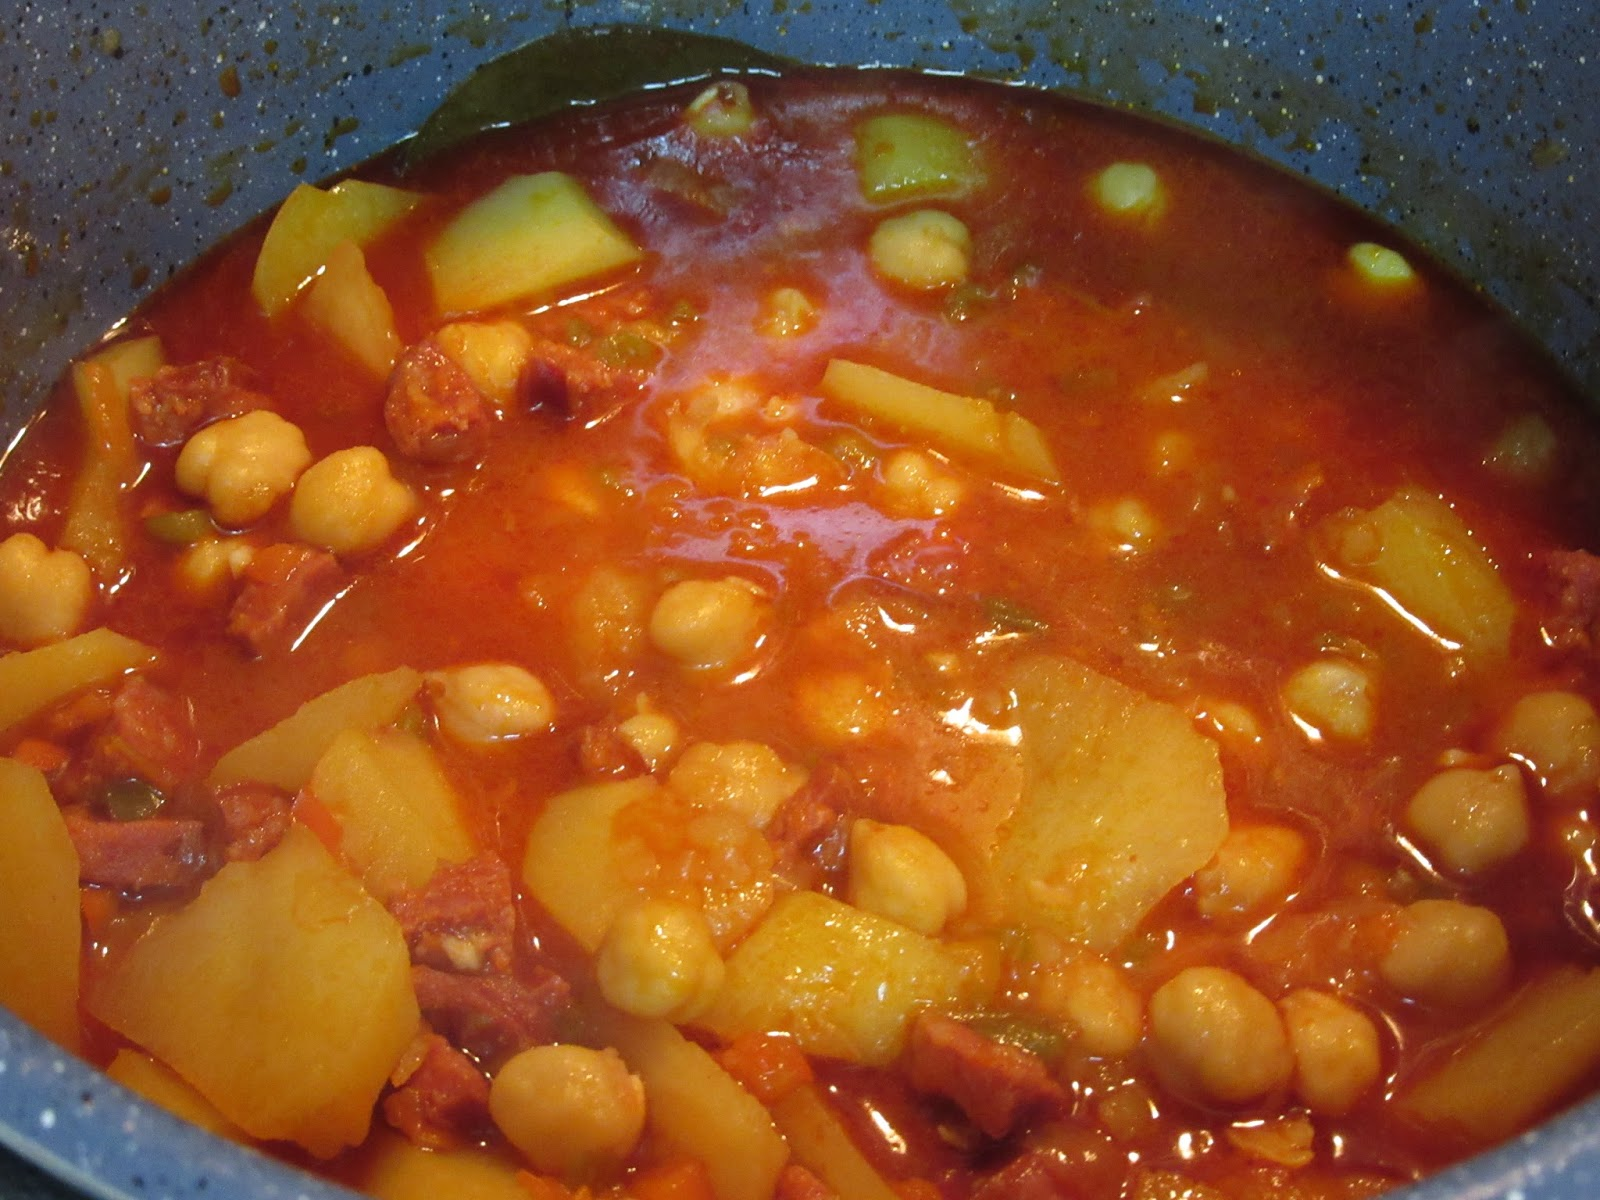 Potaje de garbanzos con patatas olla gm - Bacalao con garbanzos y patatas ...